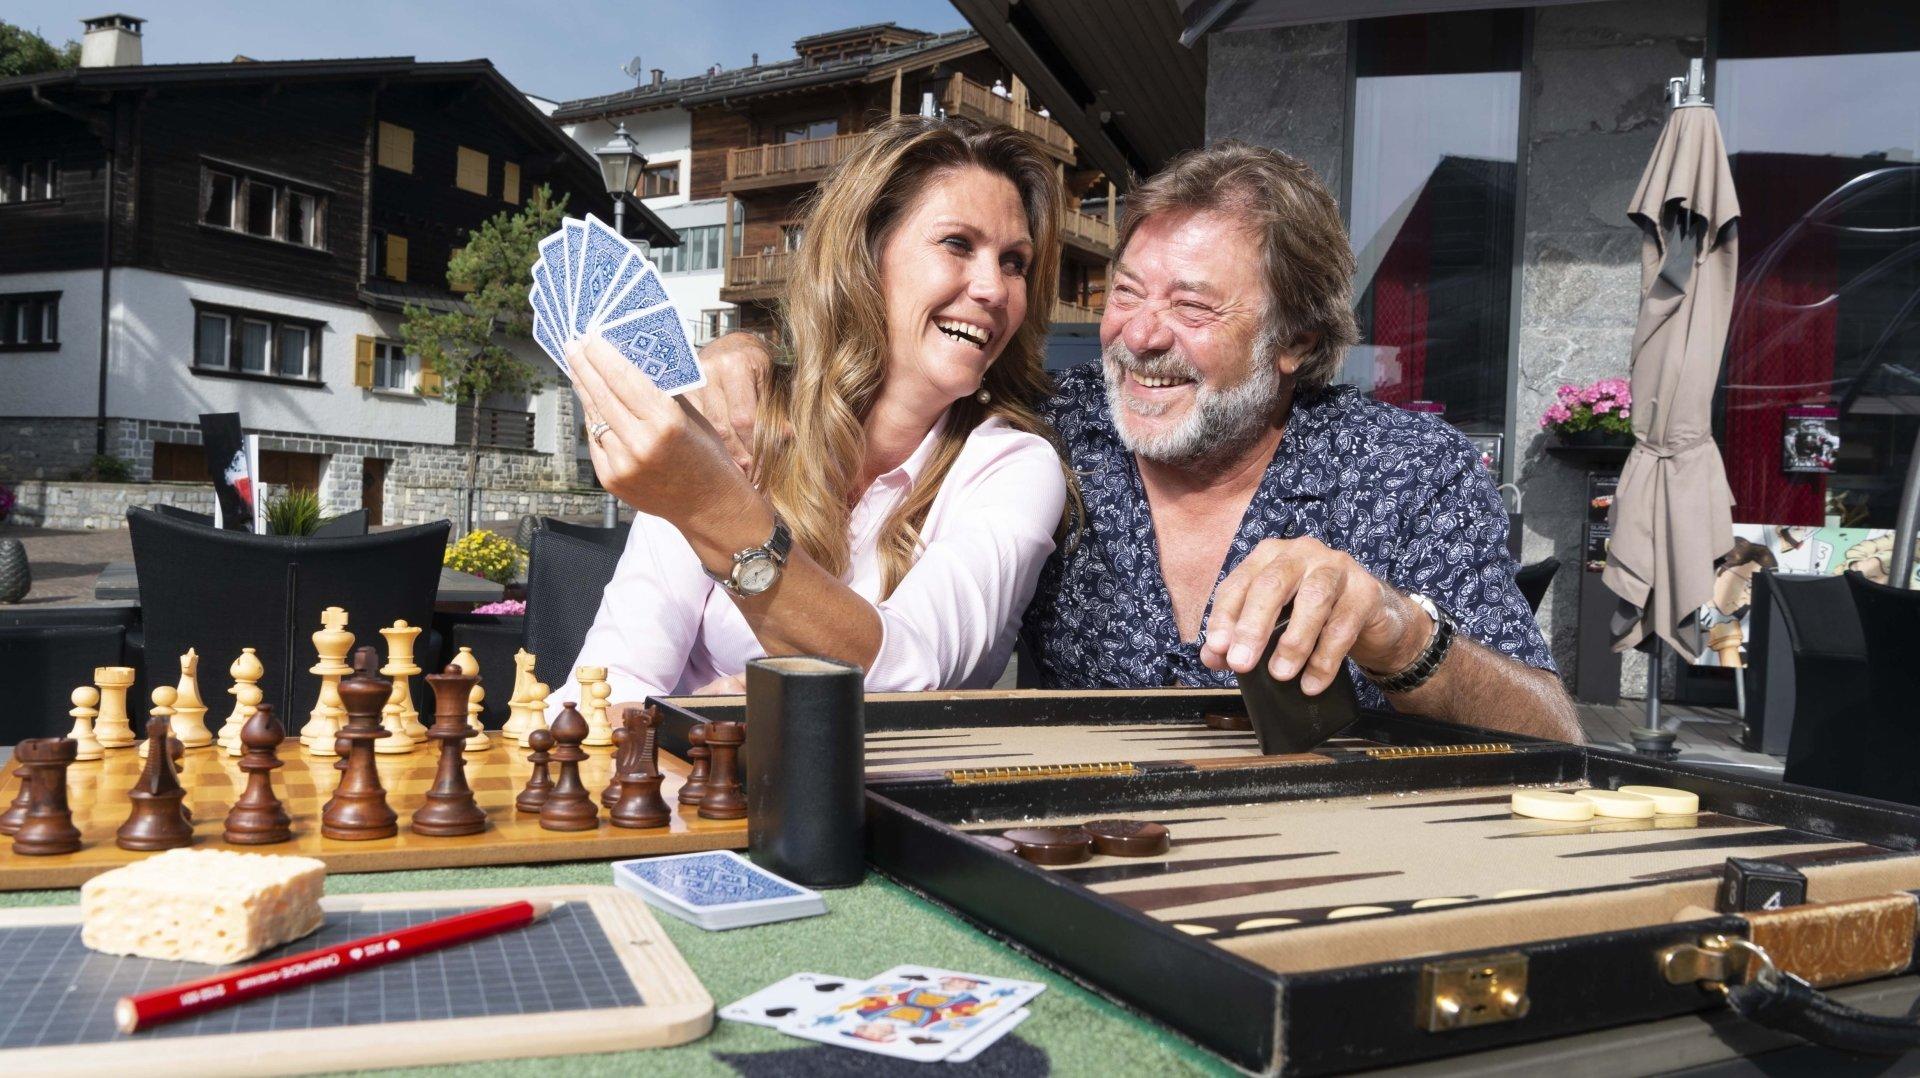 Avec le Crans-Montana Strategic Games Festival, Aurore Donné et Gérard Duruz feront la part belle au backgammon, aux échecs, au bridge et au jass.